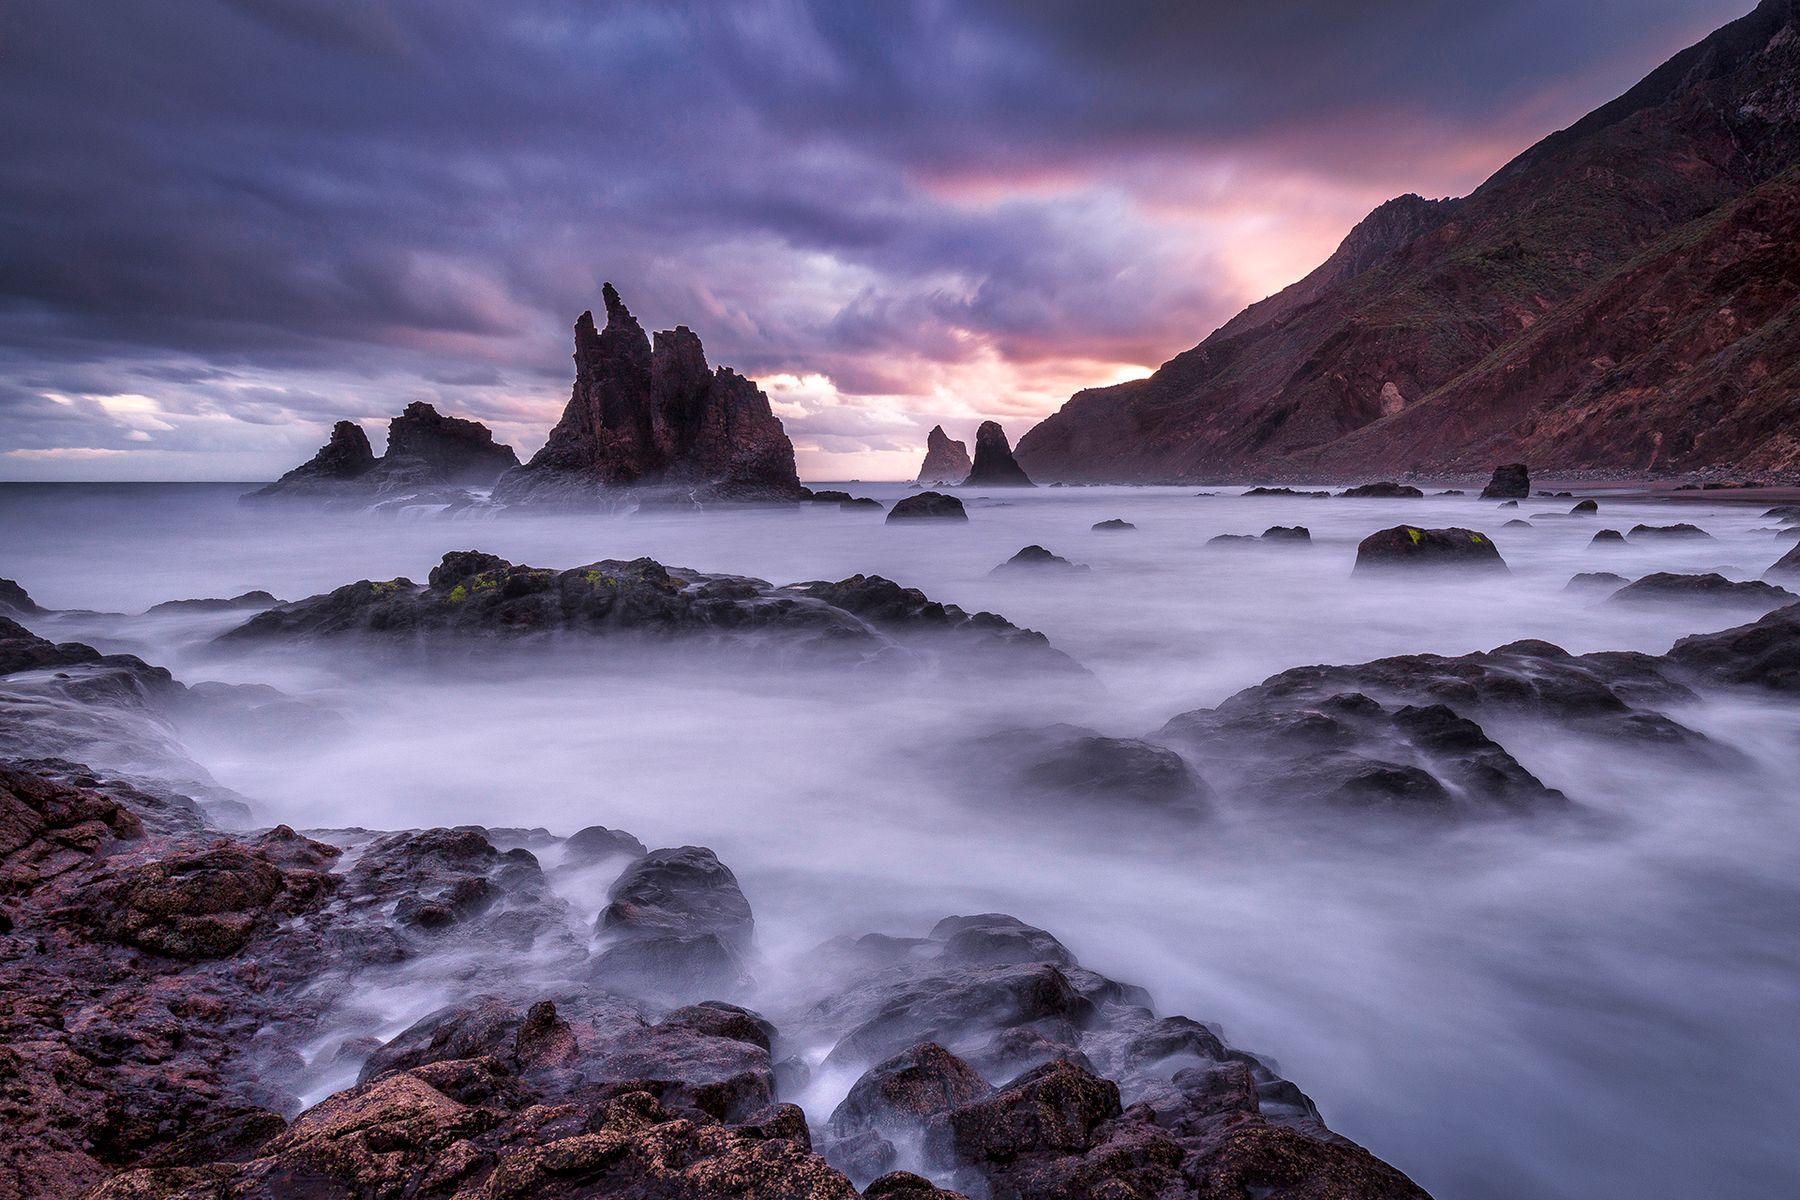 Приход нового дня Испания Тенерифе рассвет выдержка Бенихо океан скалы